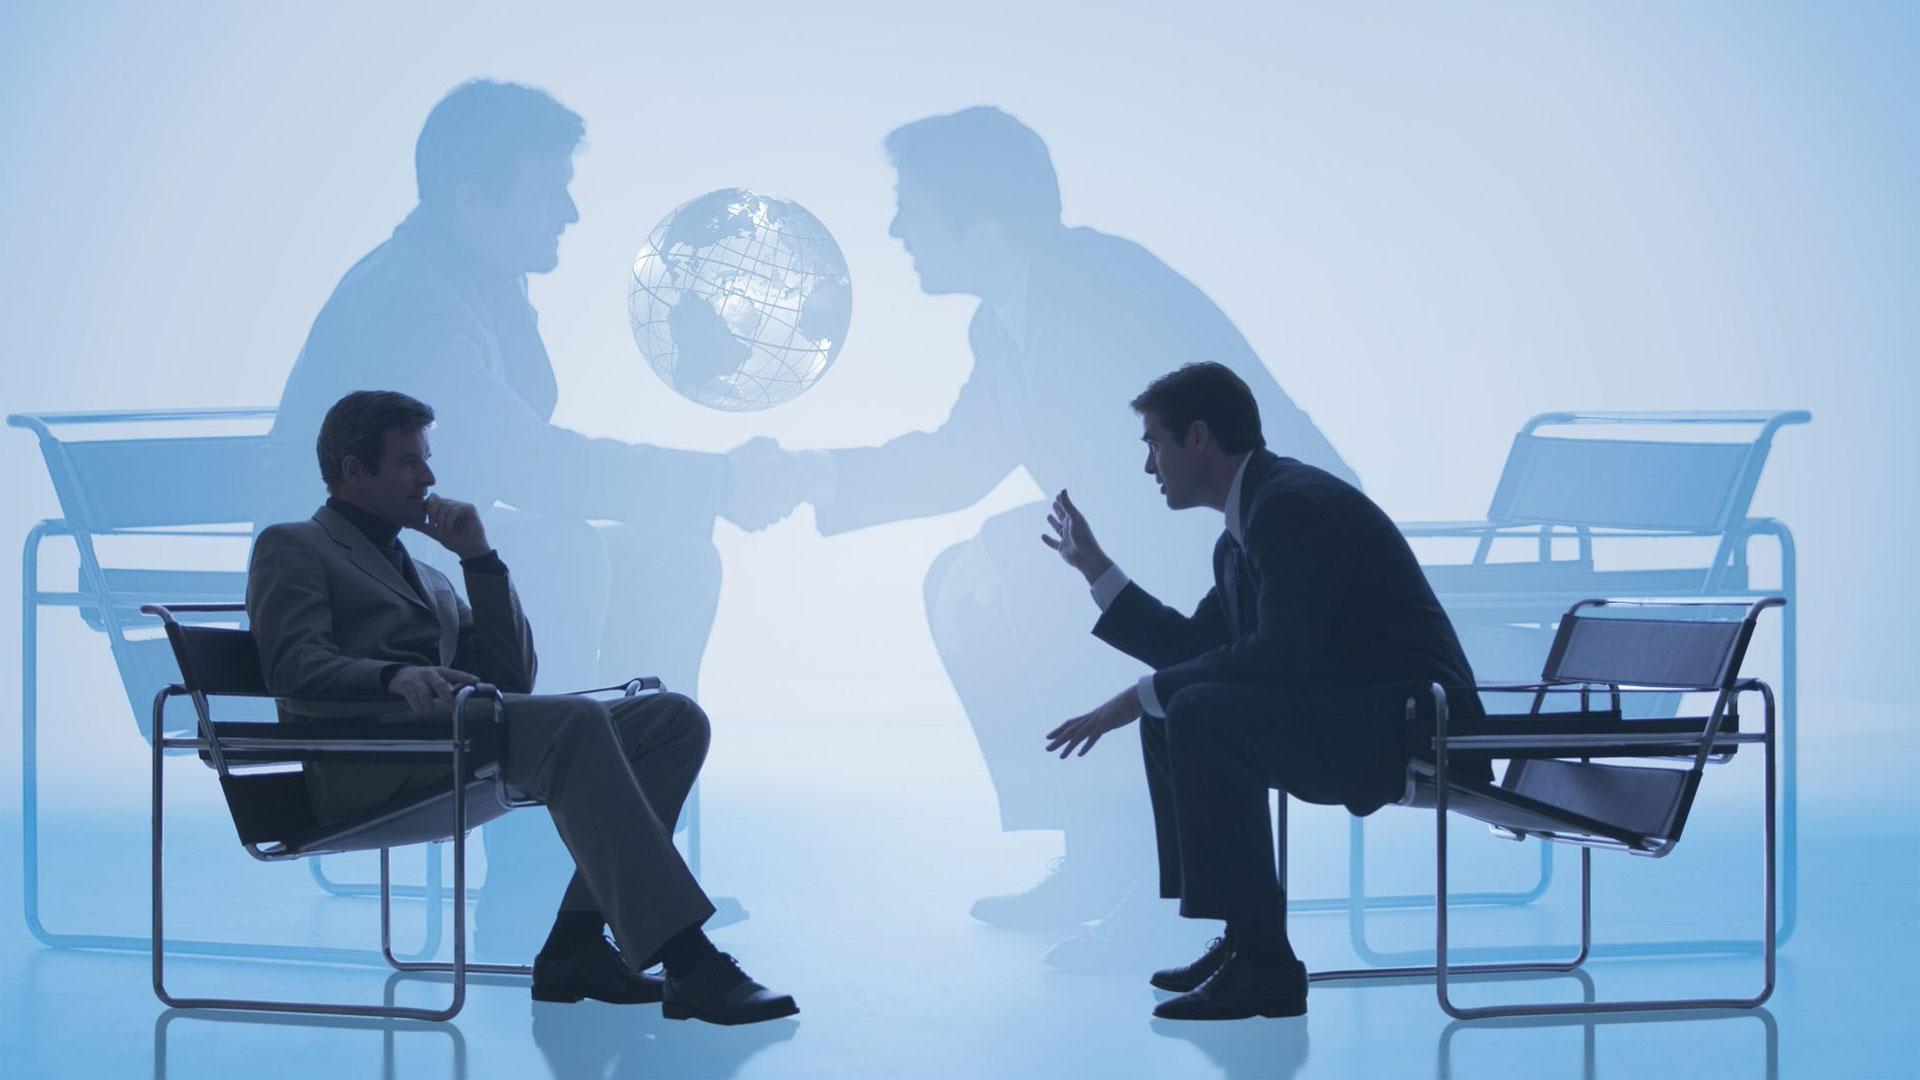 масштабной психологические картинки по общению выбирать